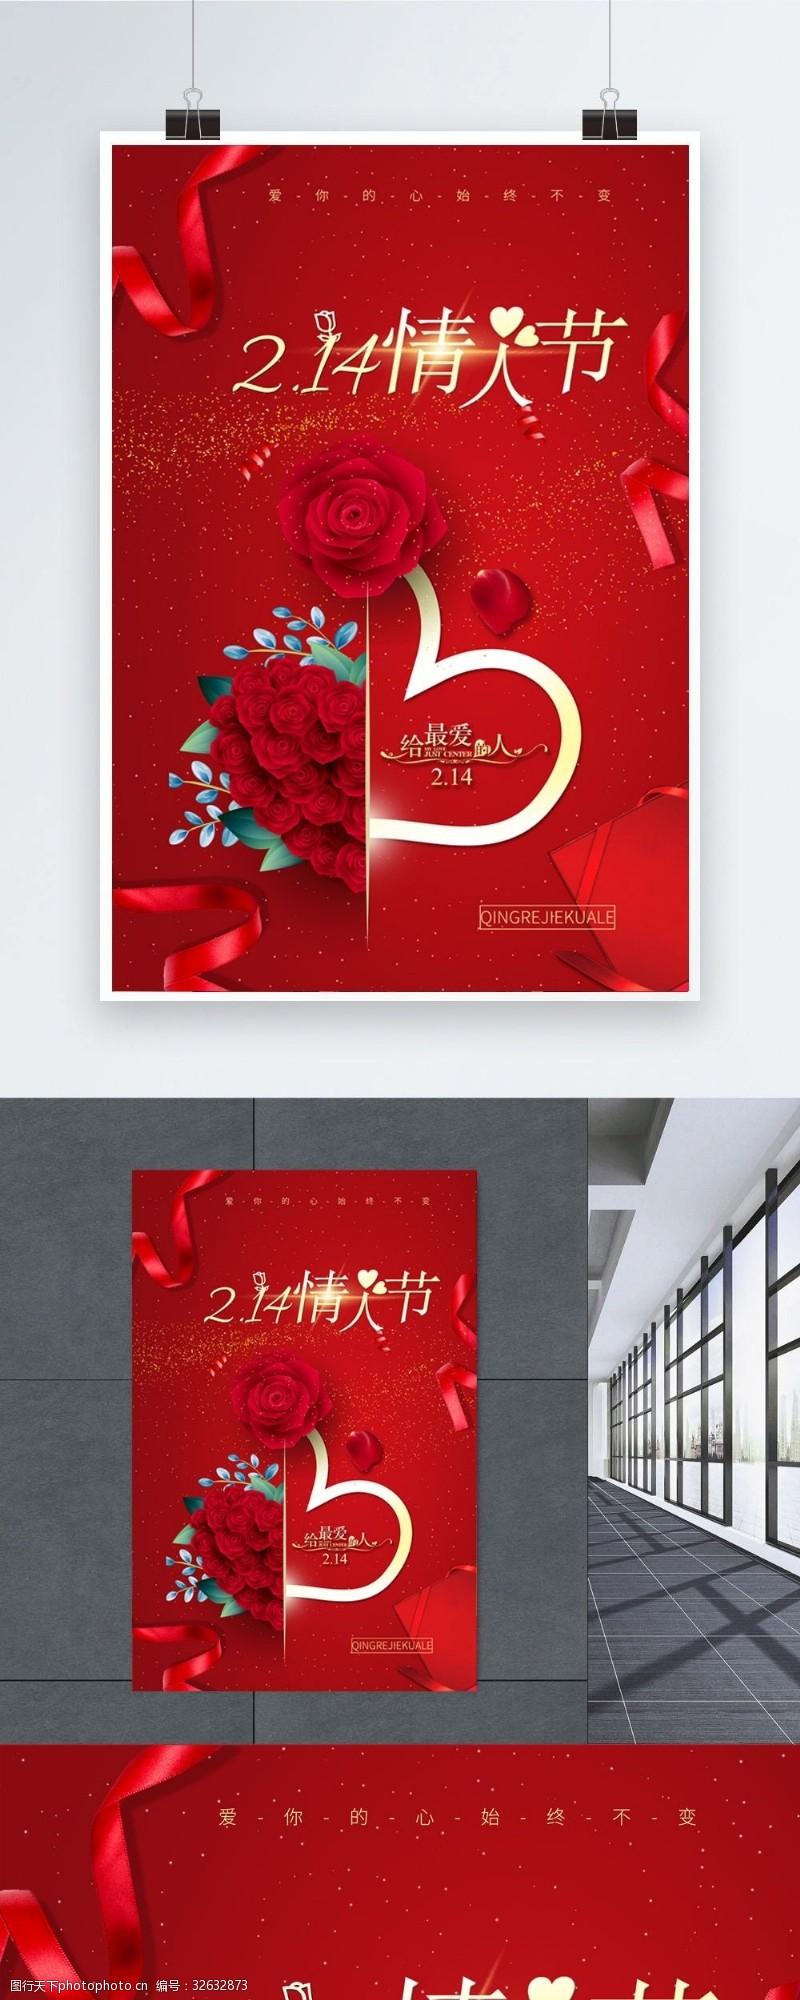 紅色簡約情人節快樂節日海報